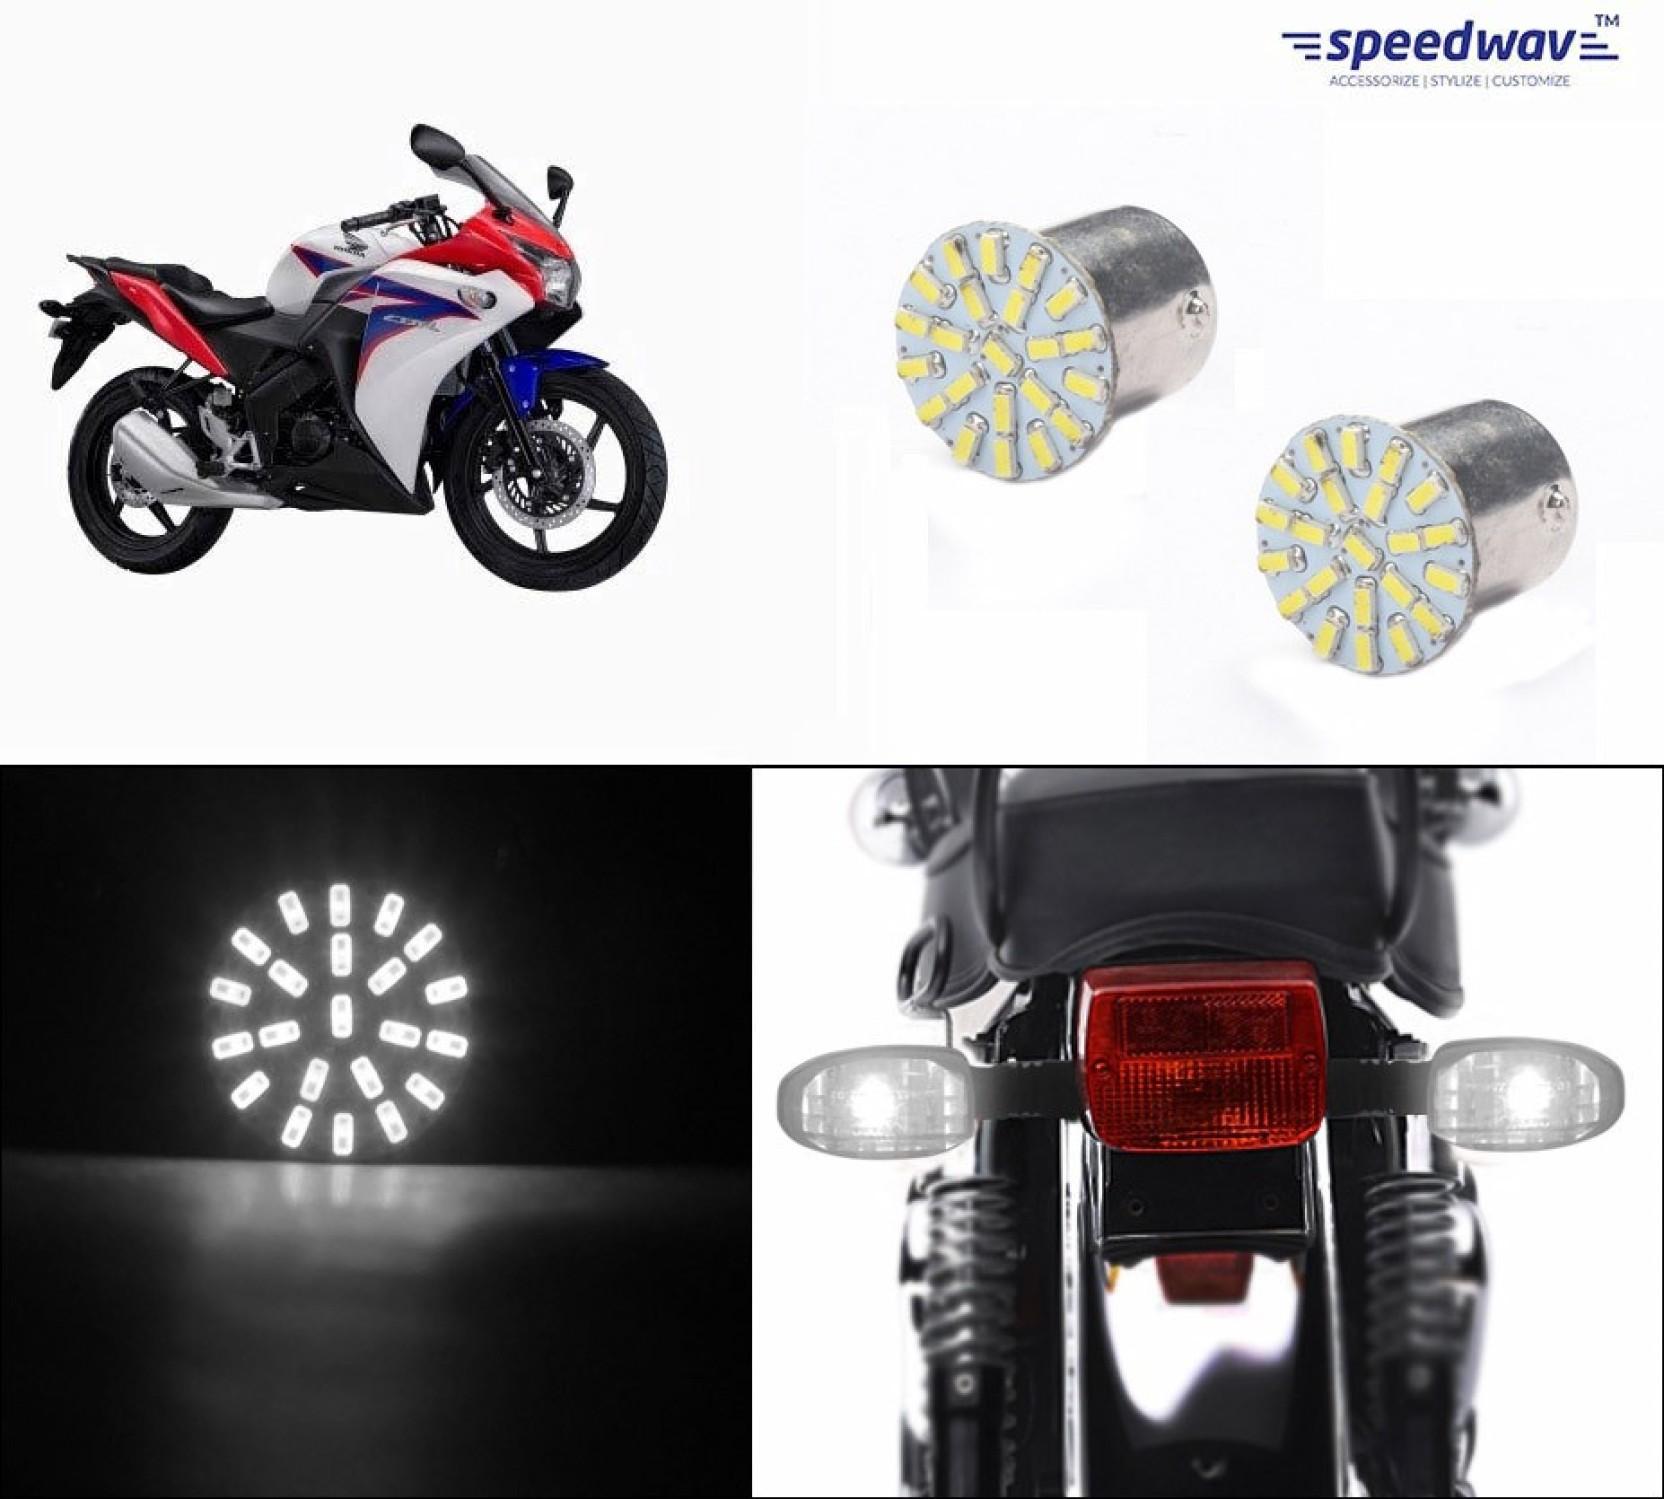 Speedwav Headlight Led For Honda Price In India Buy Cbr T Shirt Share